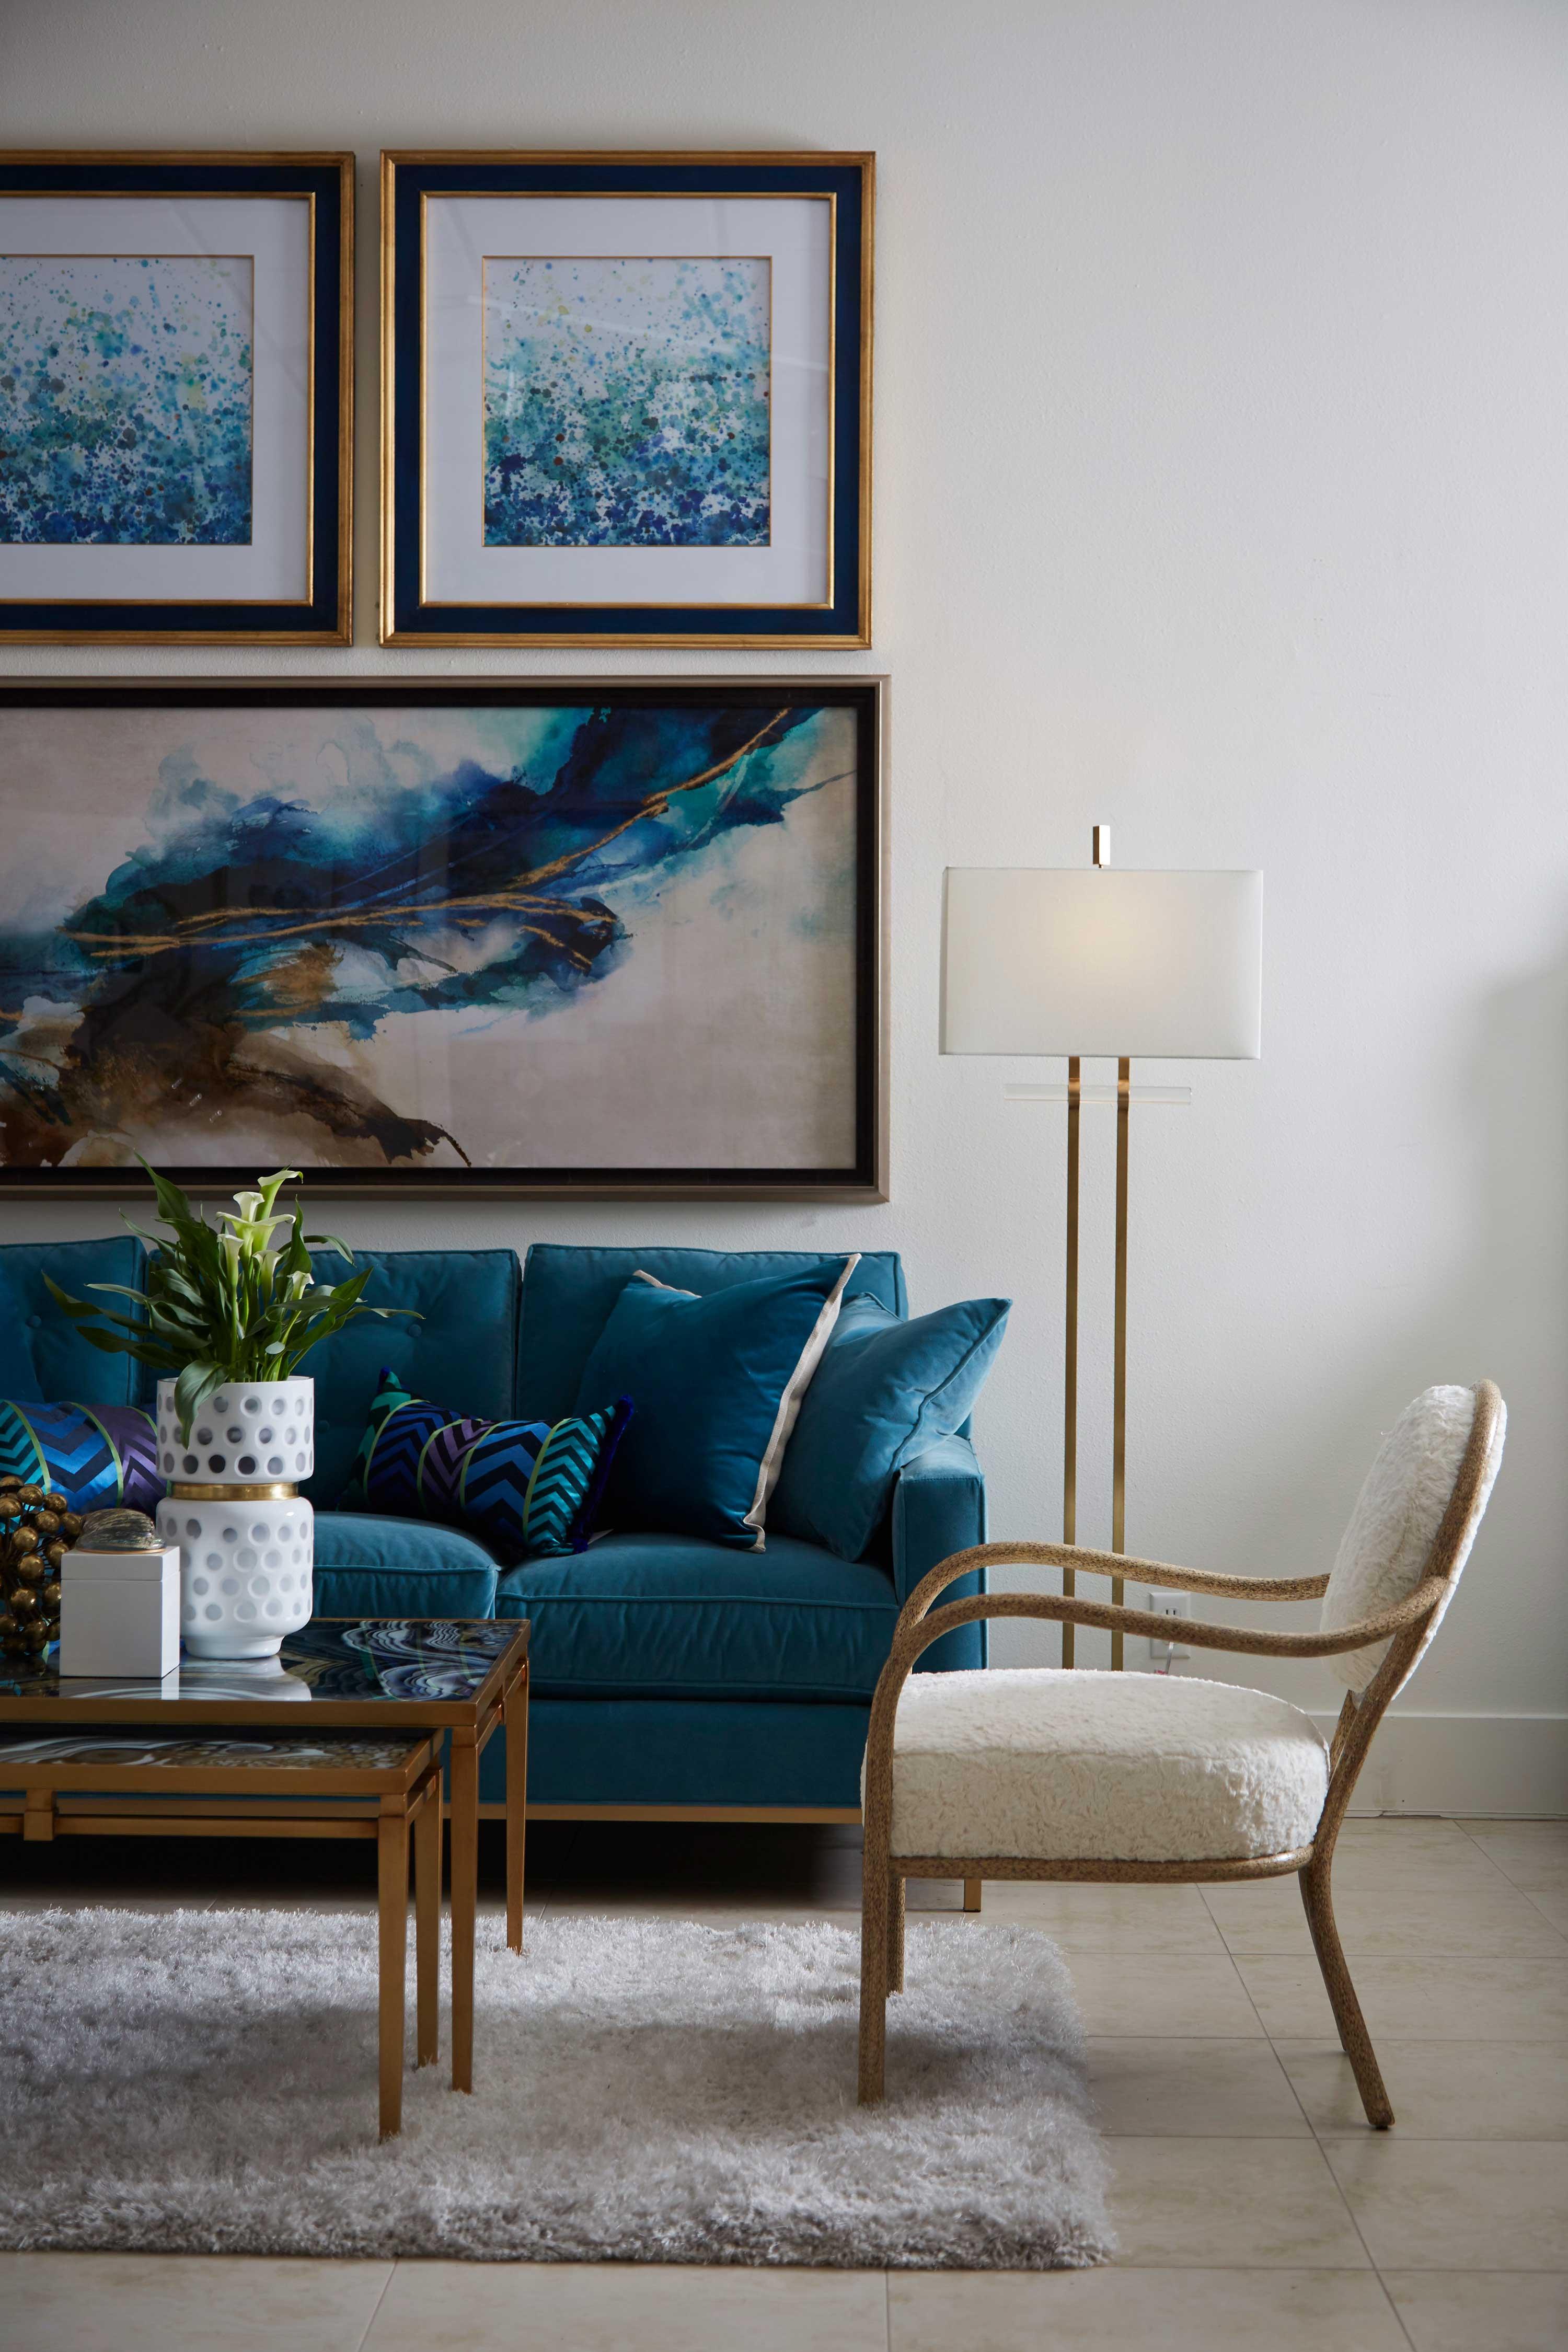 Lovelace Interiors | Interior Design in Destin Florida